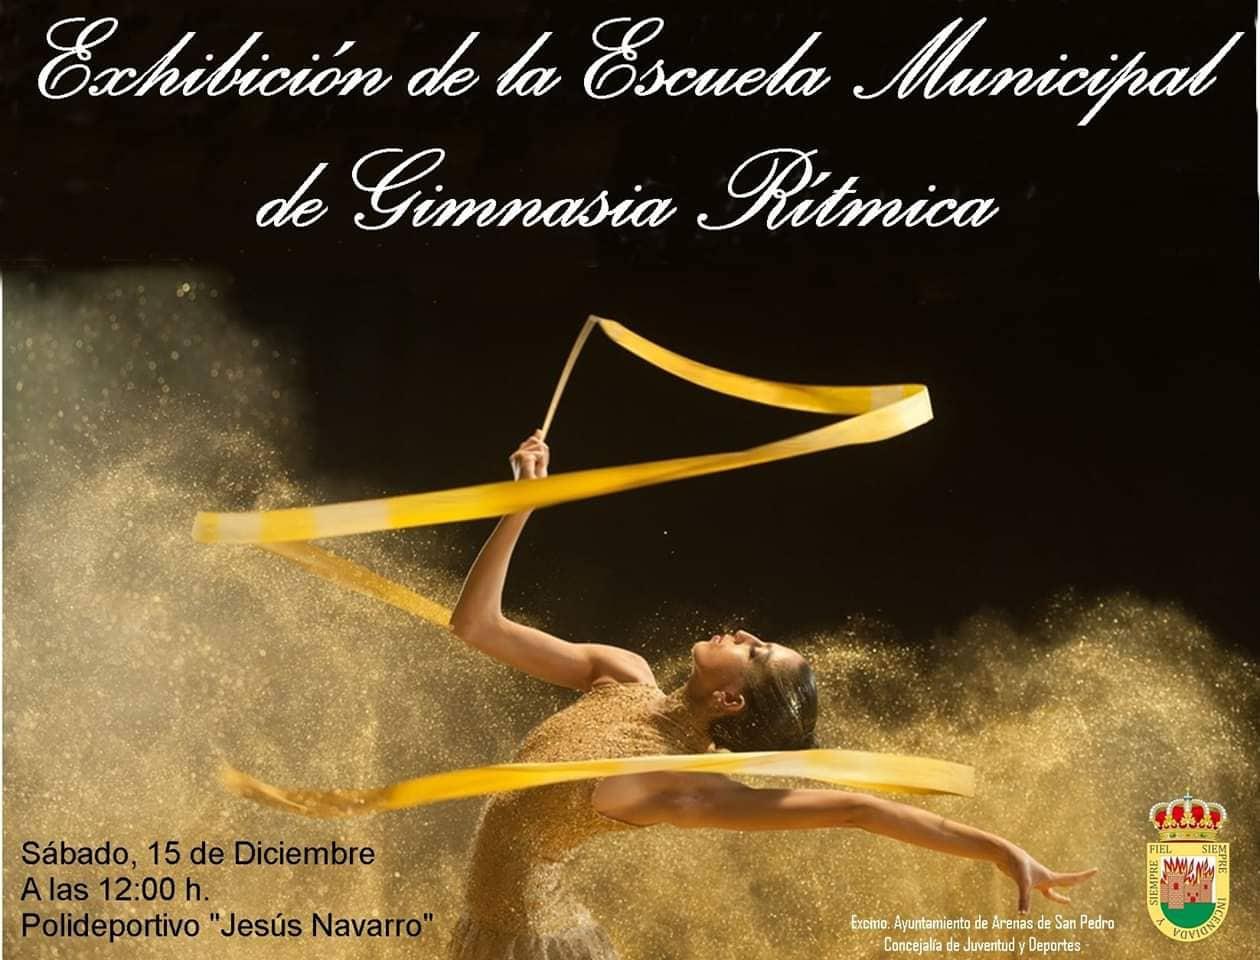 Exhibición de Gimnasia Rítmica Arenas de San Pedro - TiétarTeVe